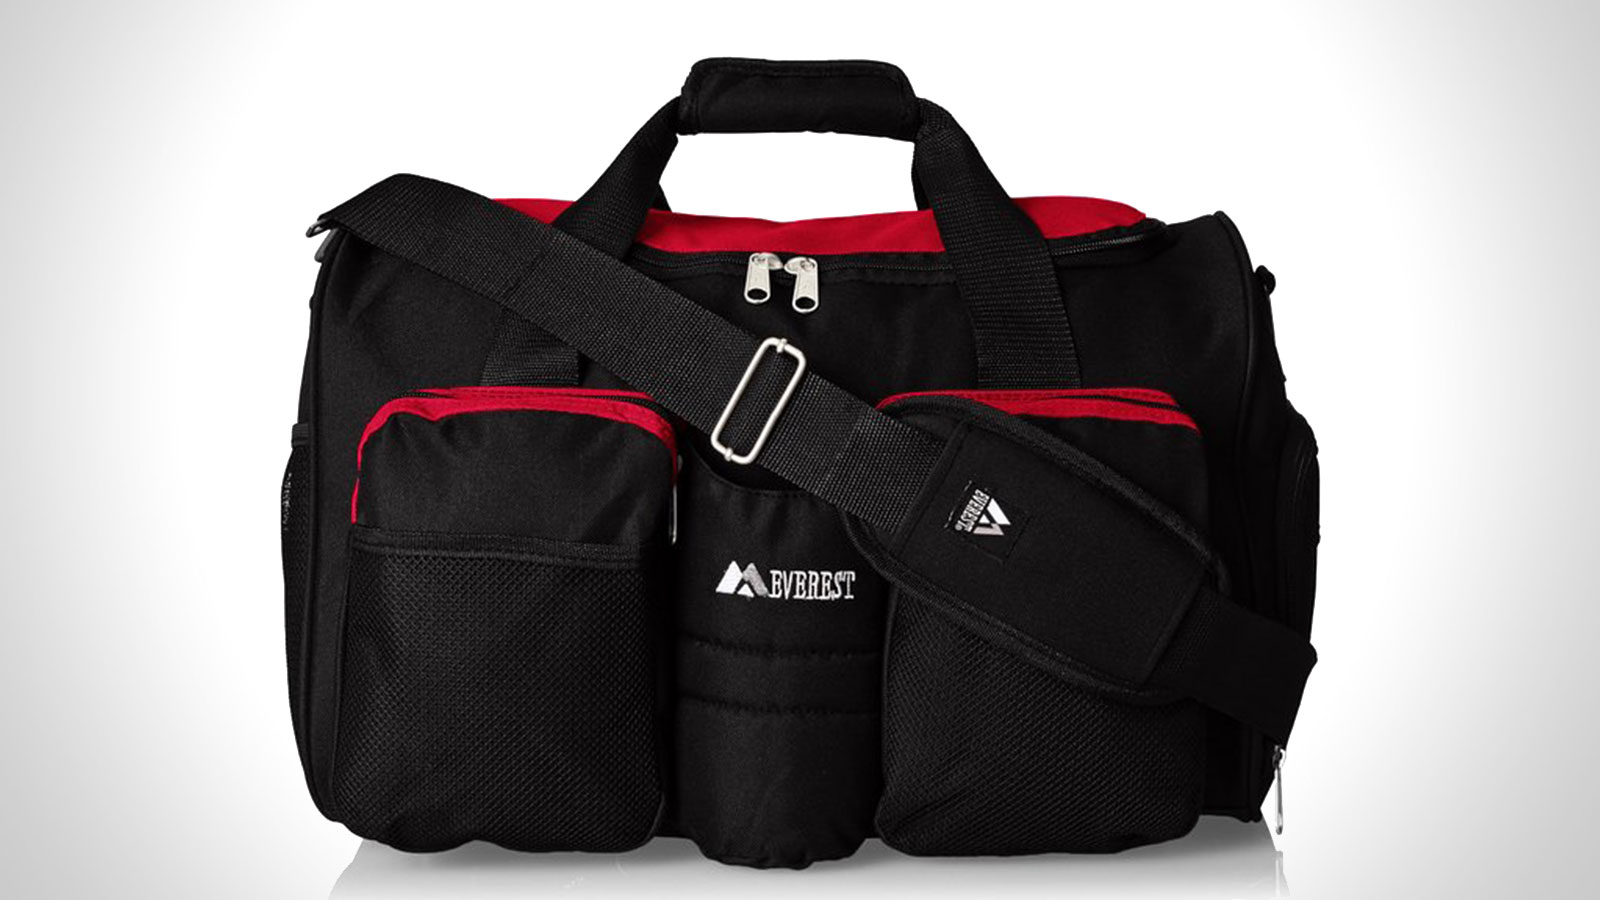 Everest Gym Bag with Wet Pocket   best mens gym duffle bag